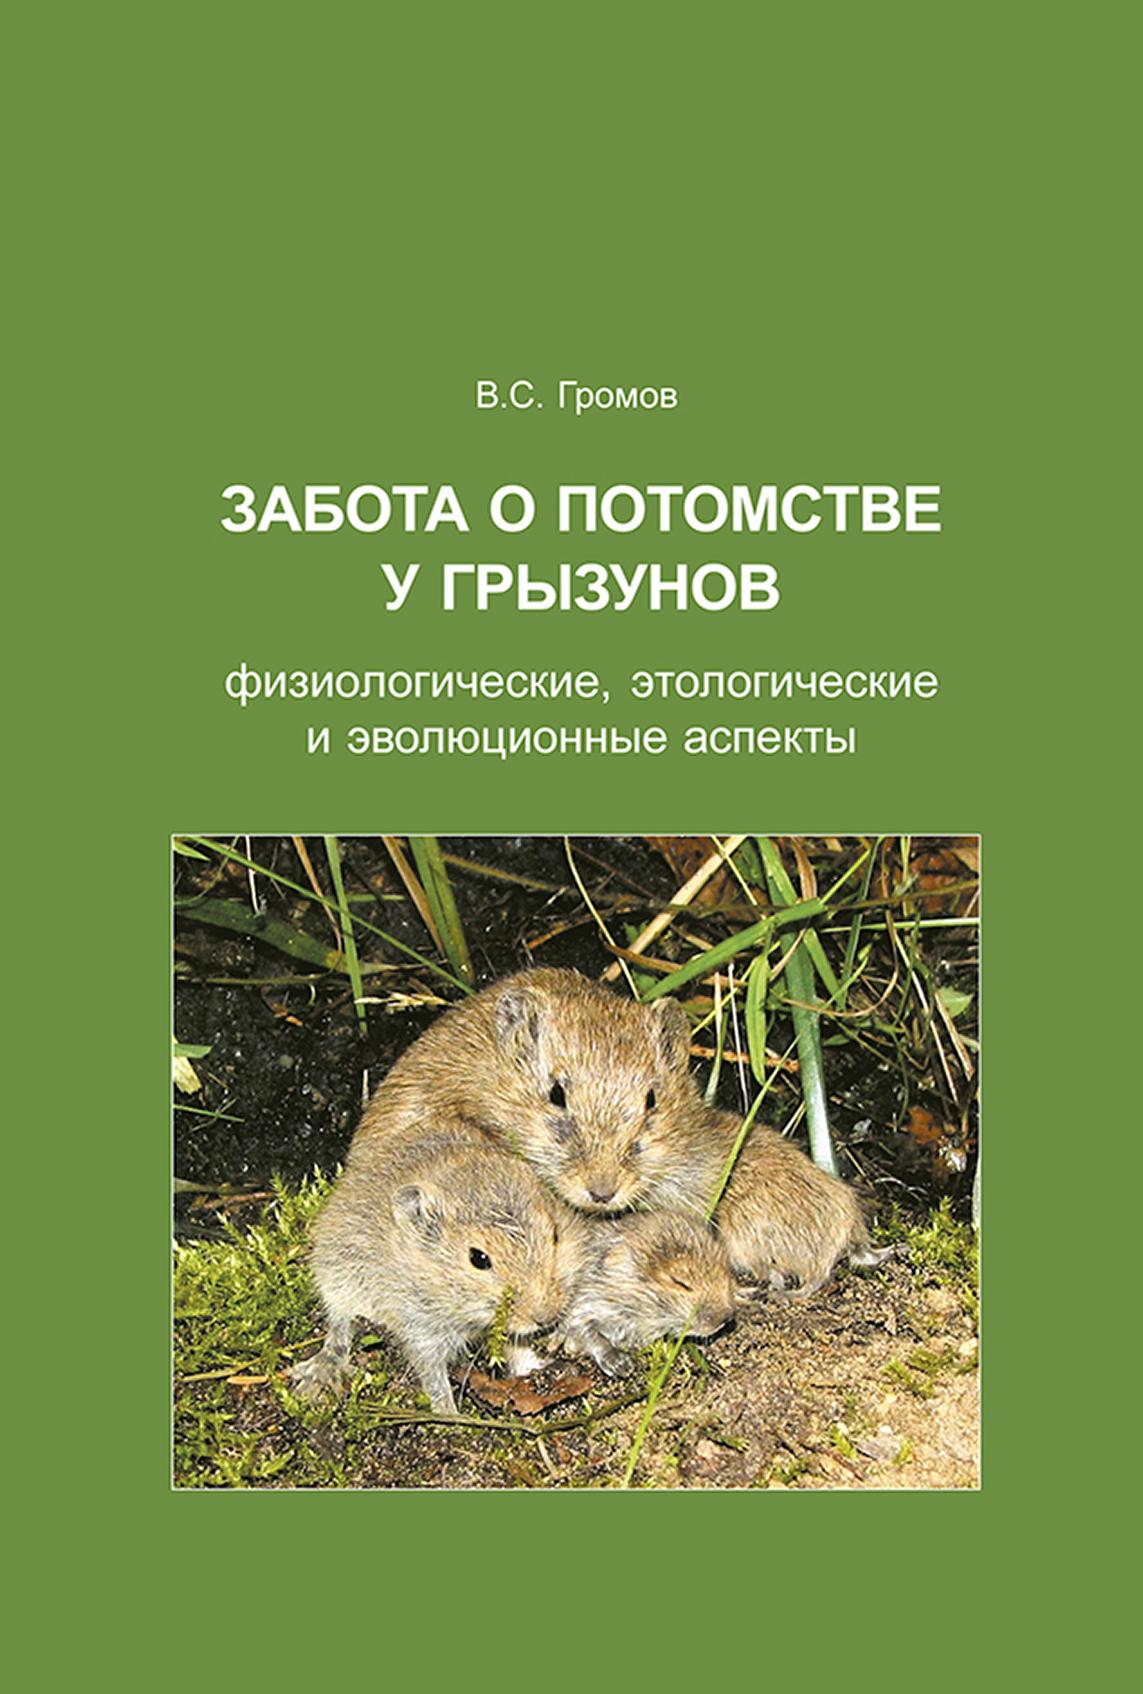 В. С. Громов Забота о потомстве у грызунов: физиологические, этологические и эволюционные аспекты в с громов эволюция социальности у млекопитающих